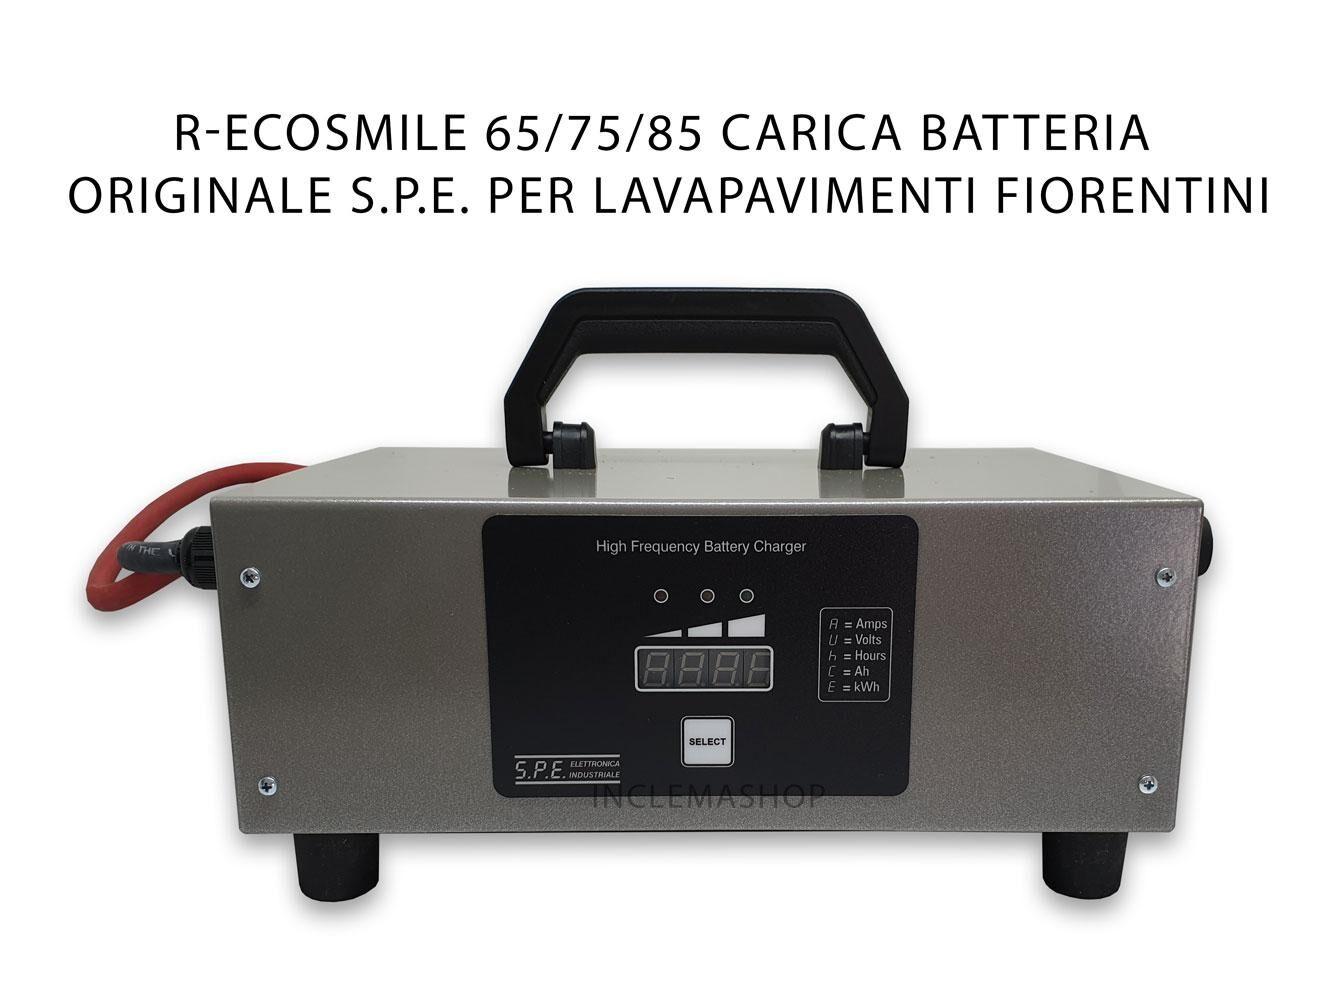 S.P.E. Eletronica Industriale R-ECOSMILE 65/75/85 CARICA BATTERIA S.P.E. ORIGINALE per lavapavimenti FIORENTINI